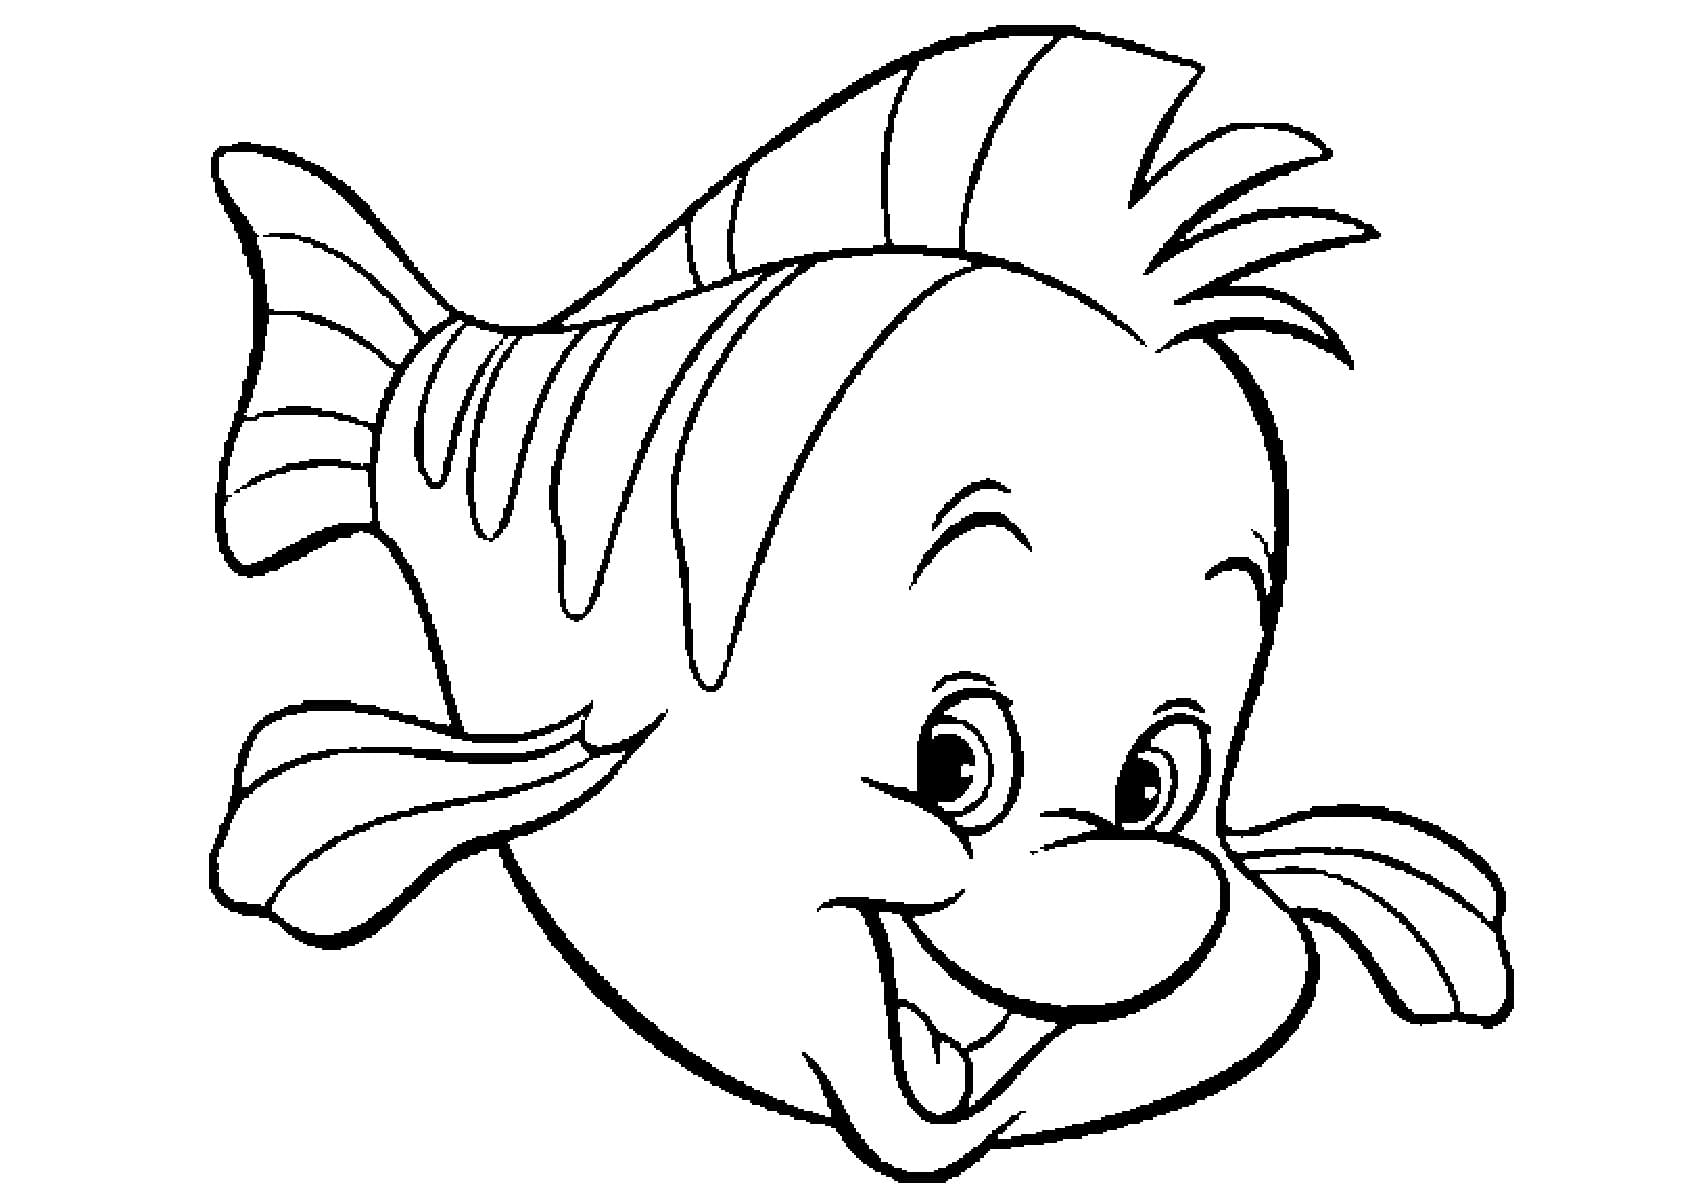 Раскраска Рыбка Распечатать